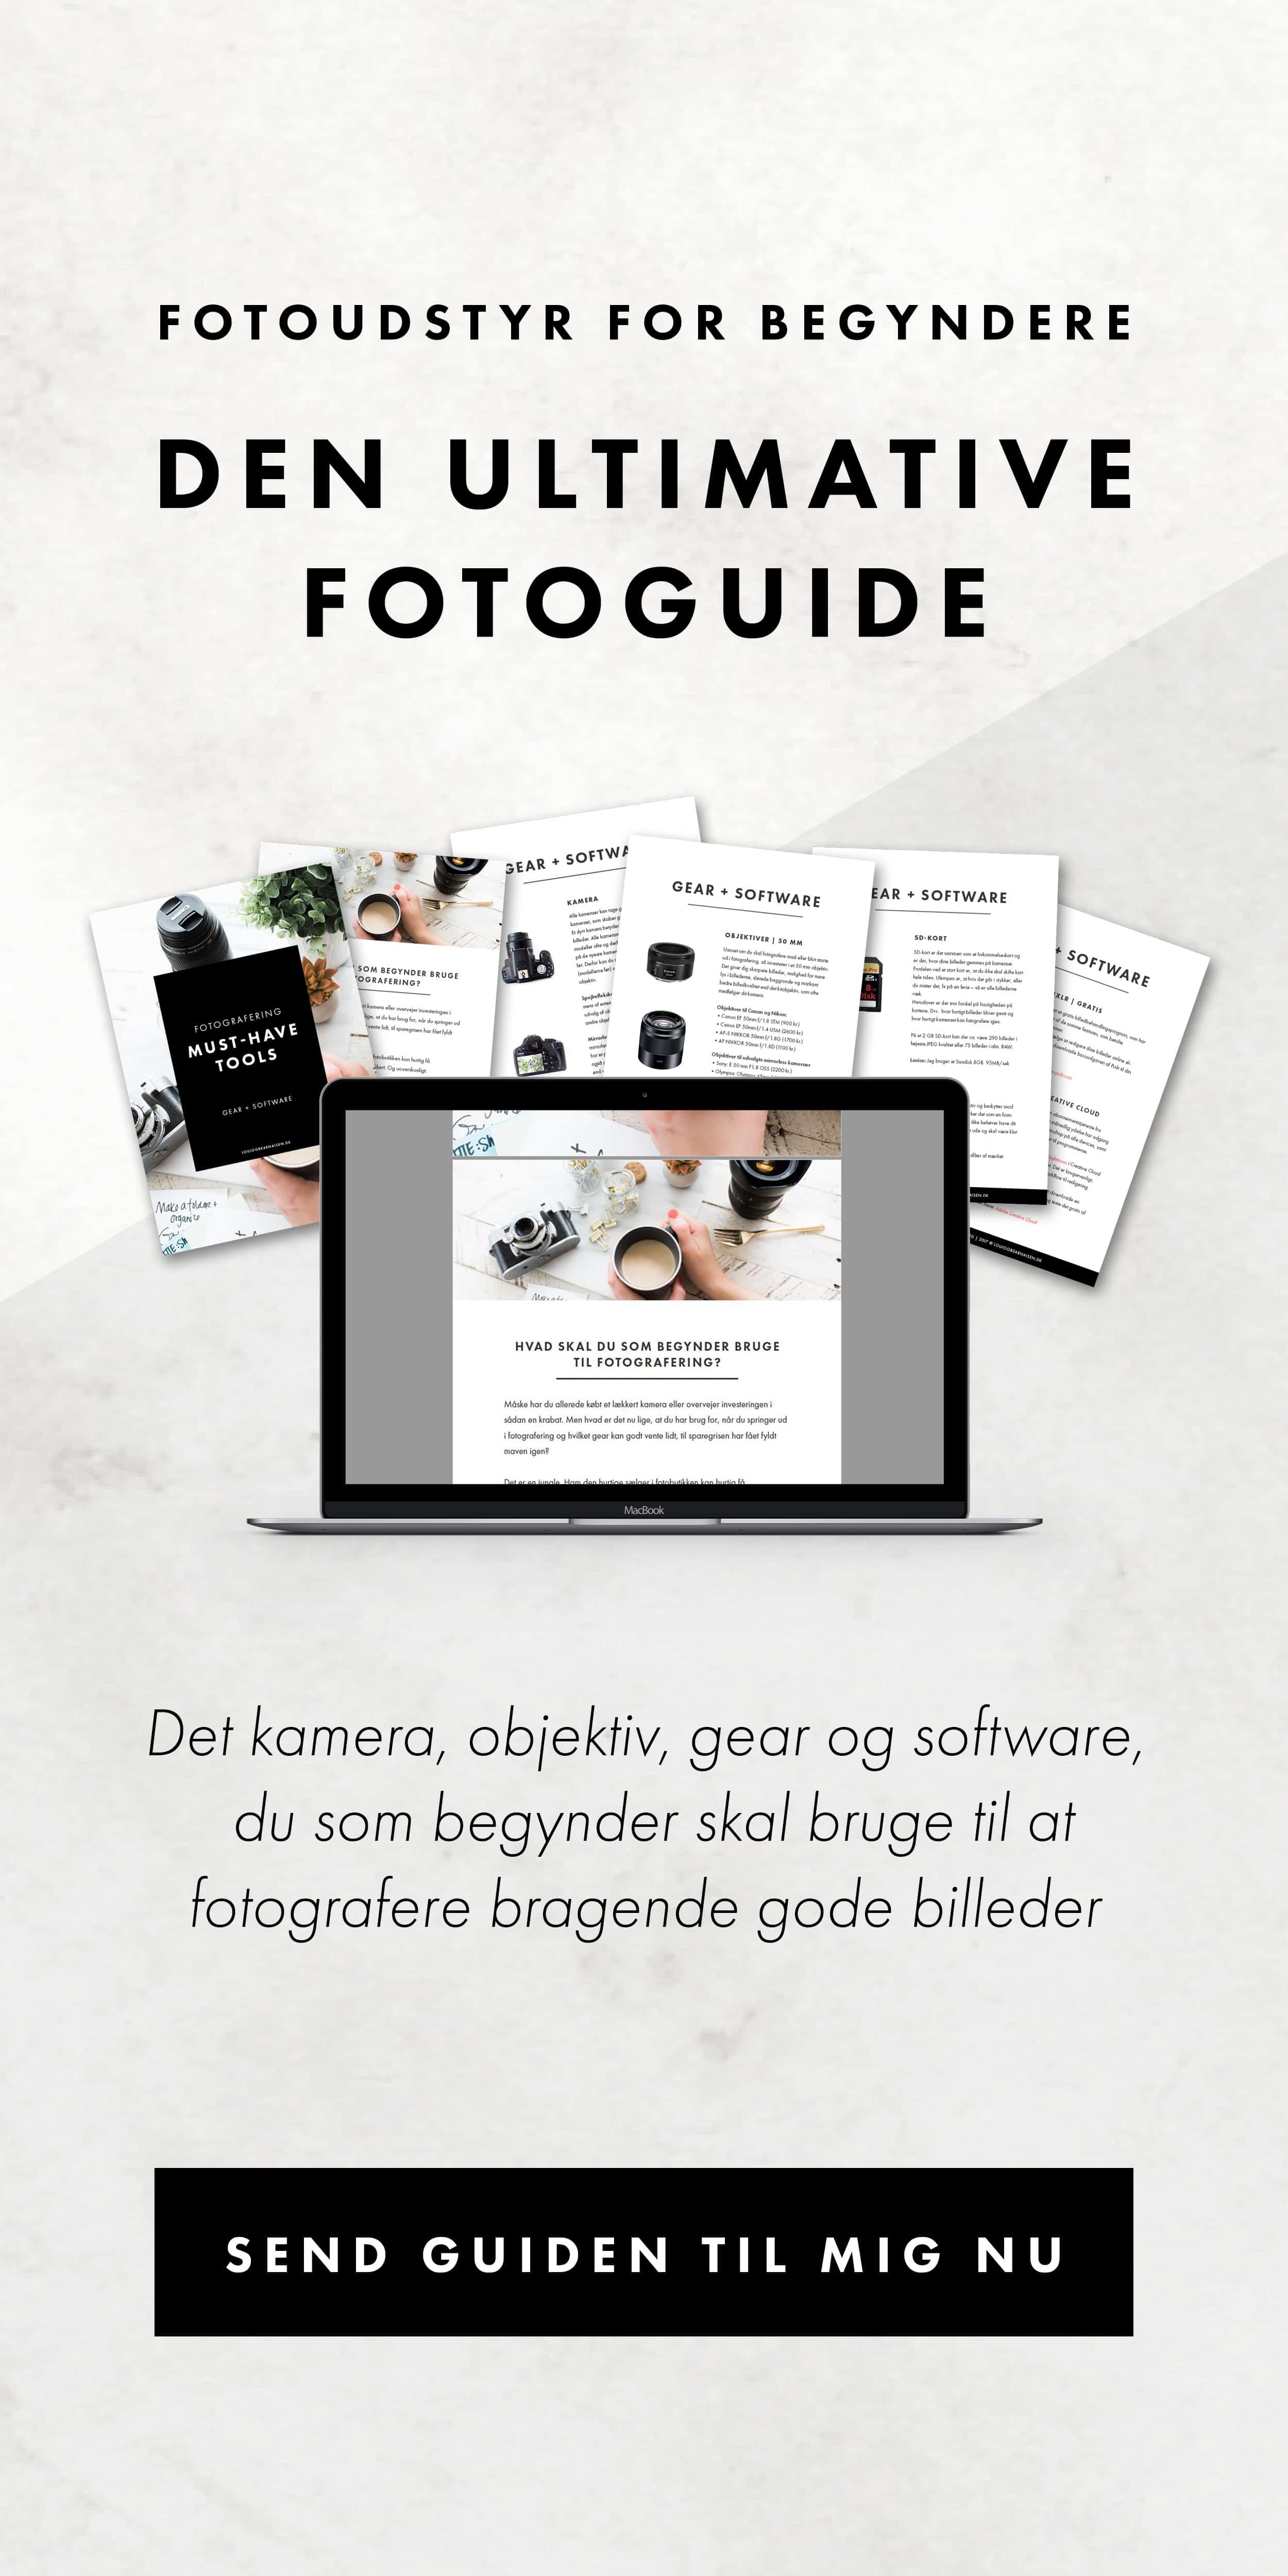 guide til fotoudstyr